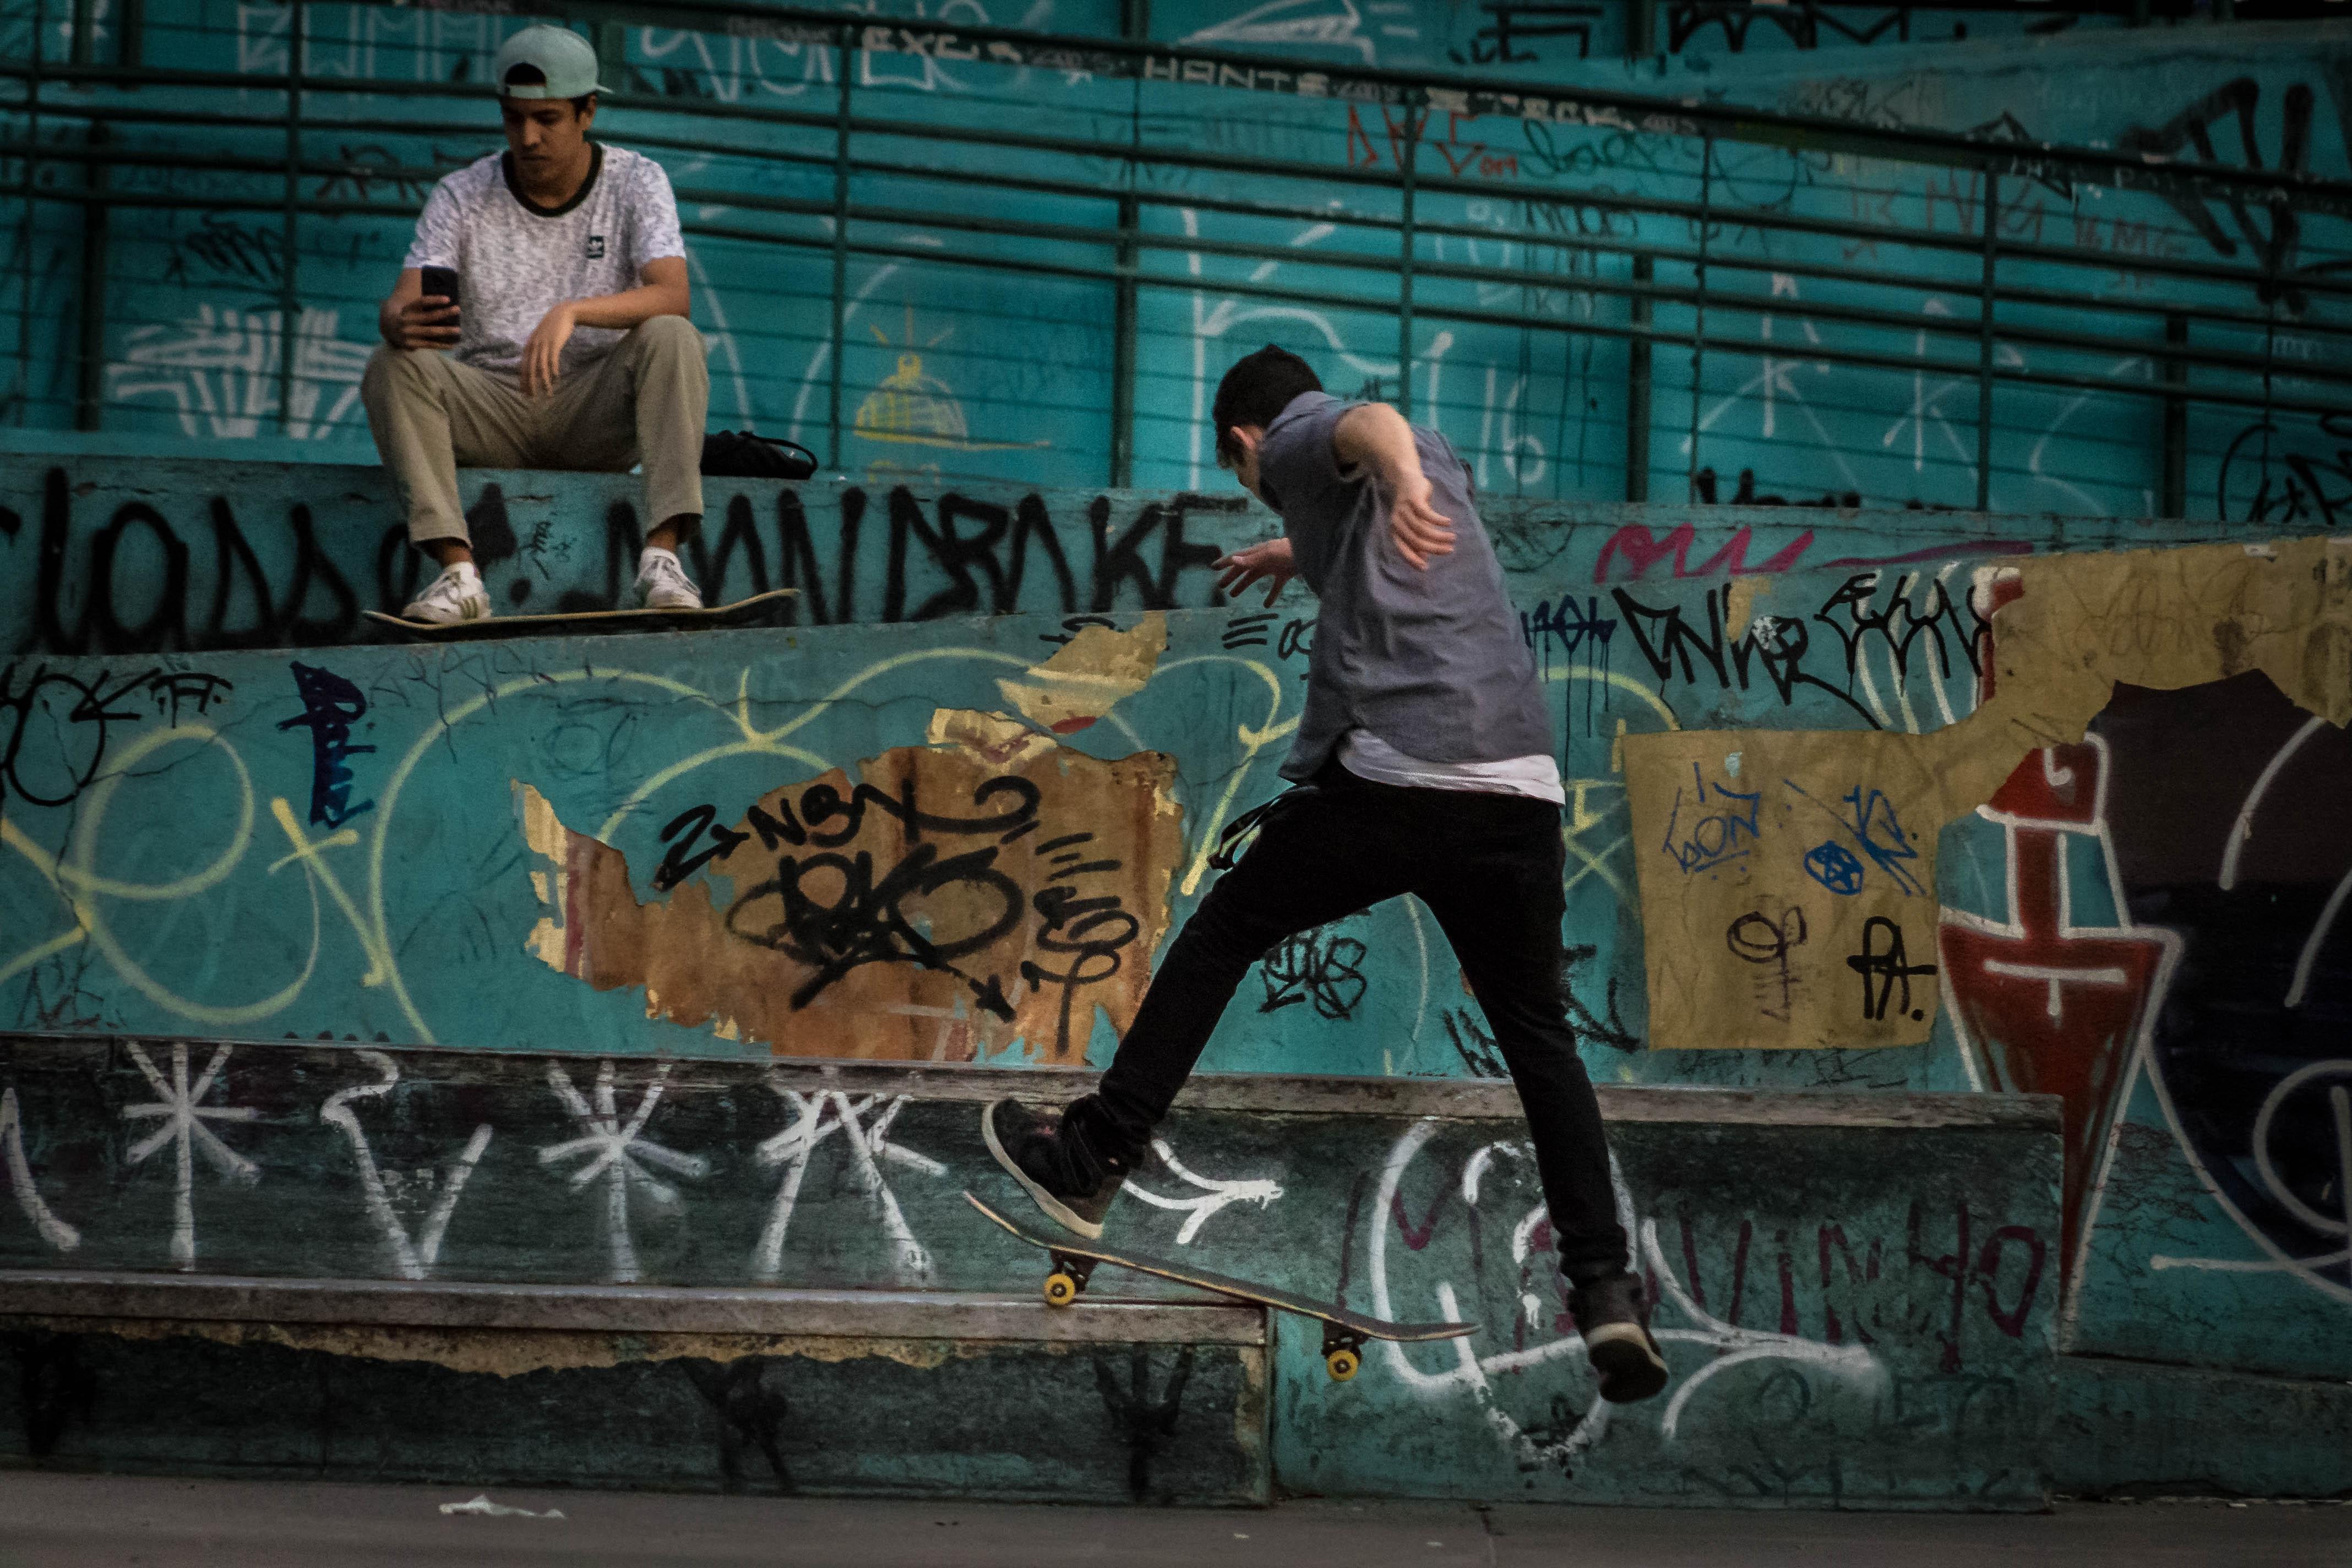 Man Wearing Geay Shirt Playing Skateboard, Action, Skate, Vandalism, Urban, HQ Photo